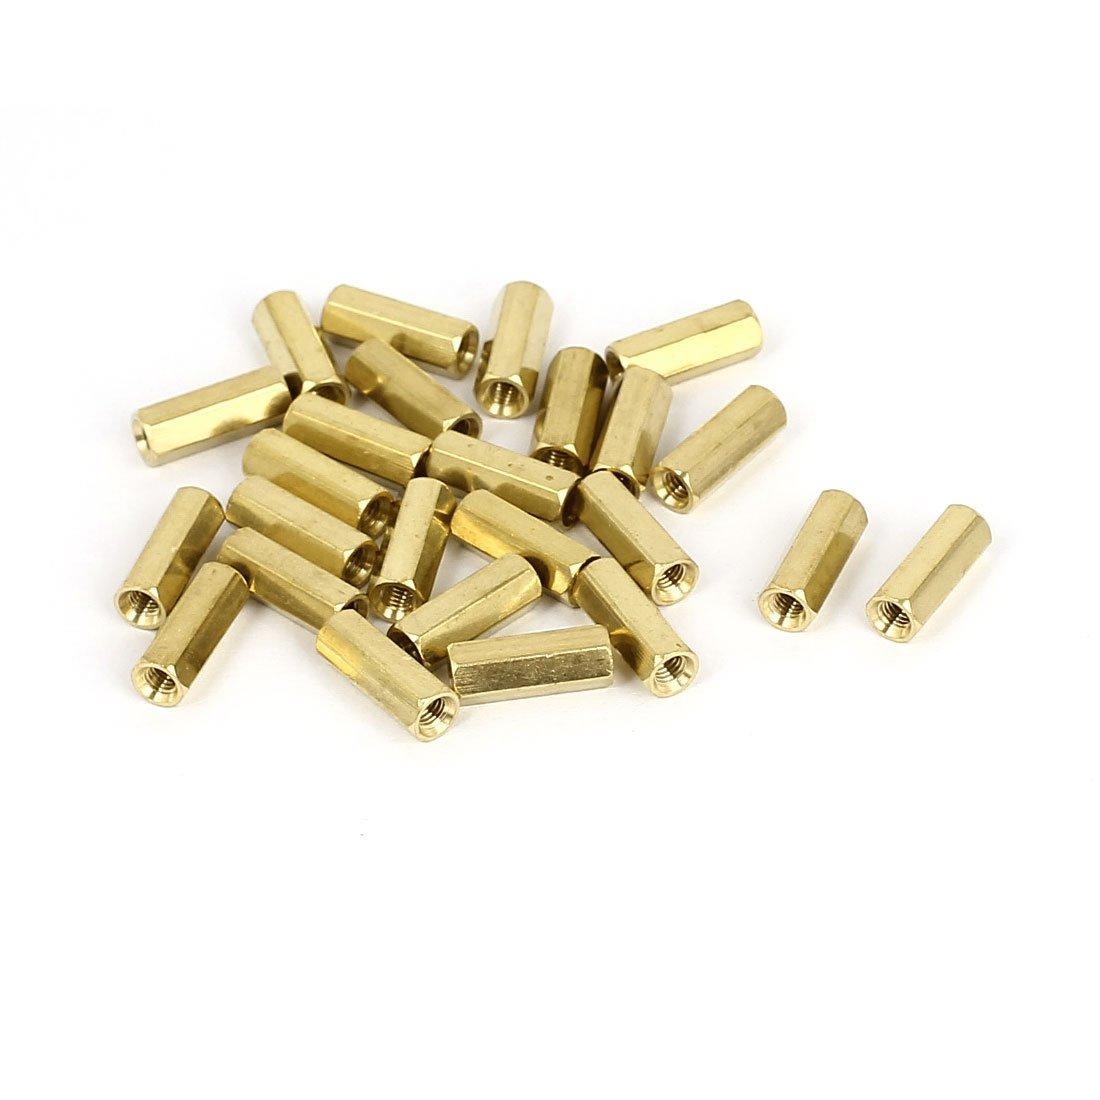 UXCELL A15081800UX0064/distanziali M3/x 13/mm femmina filettato in ottone esagonale Colonnetta pilastro distanziale dado 25PZ